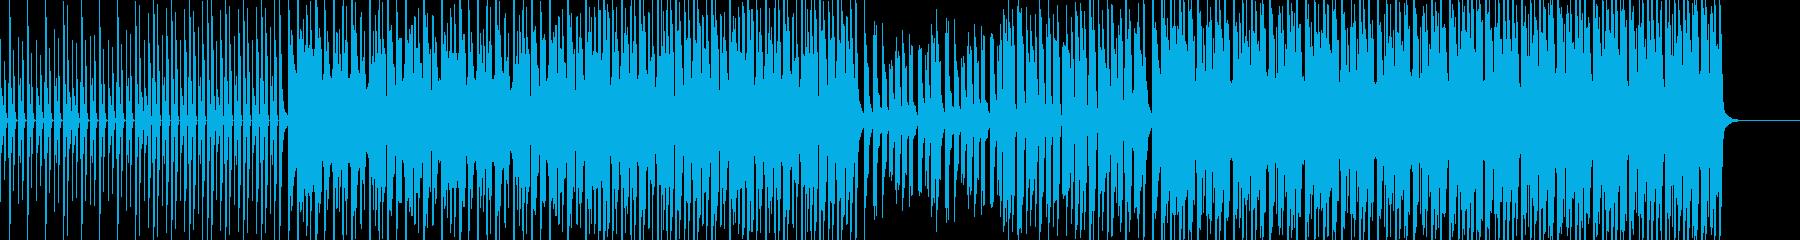 ダーティーハウスの再生済みの波形